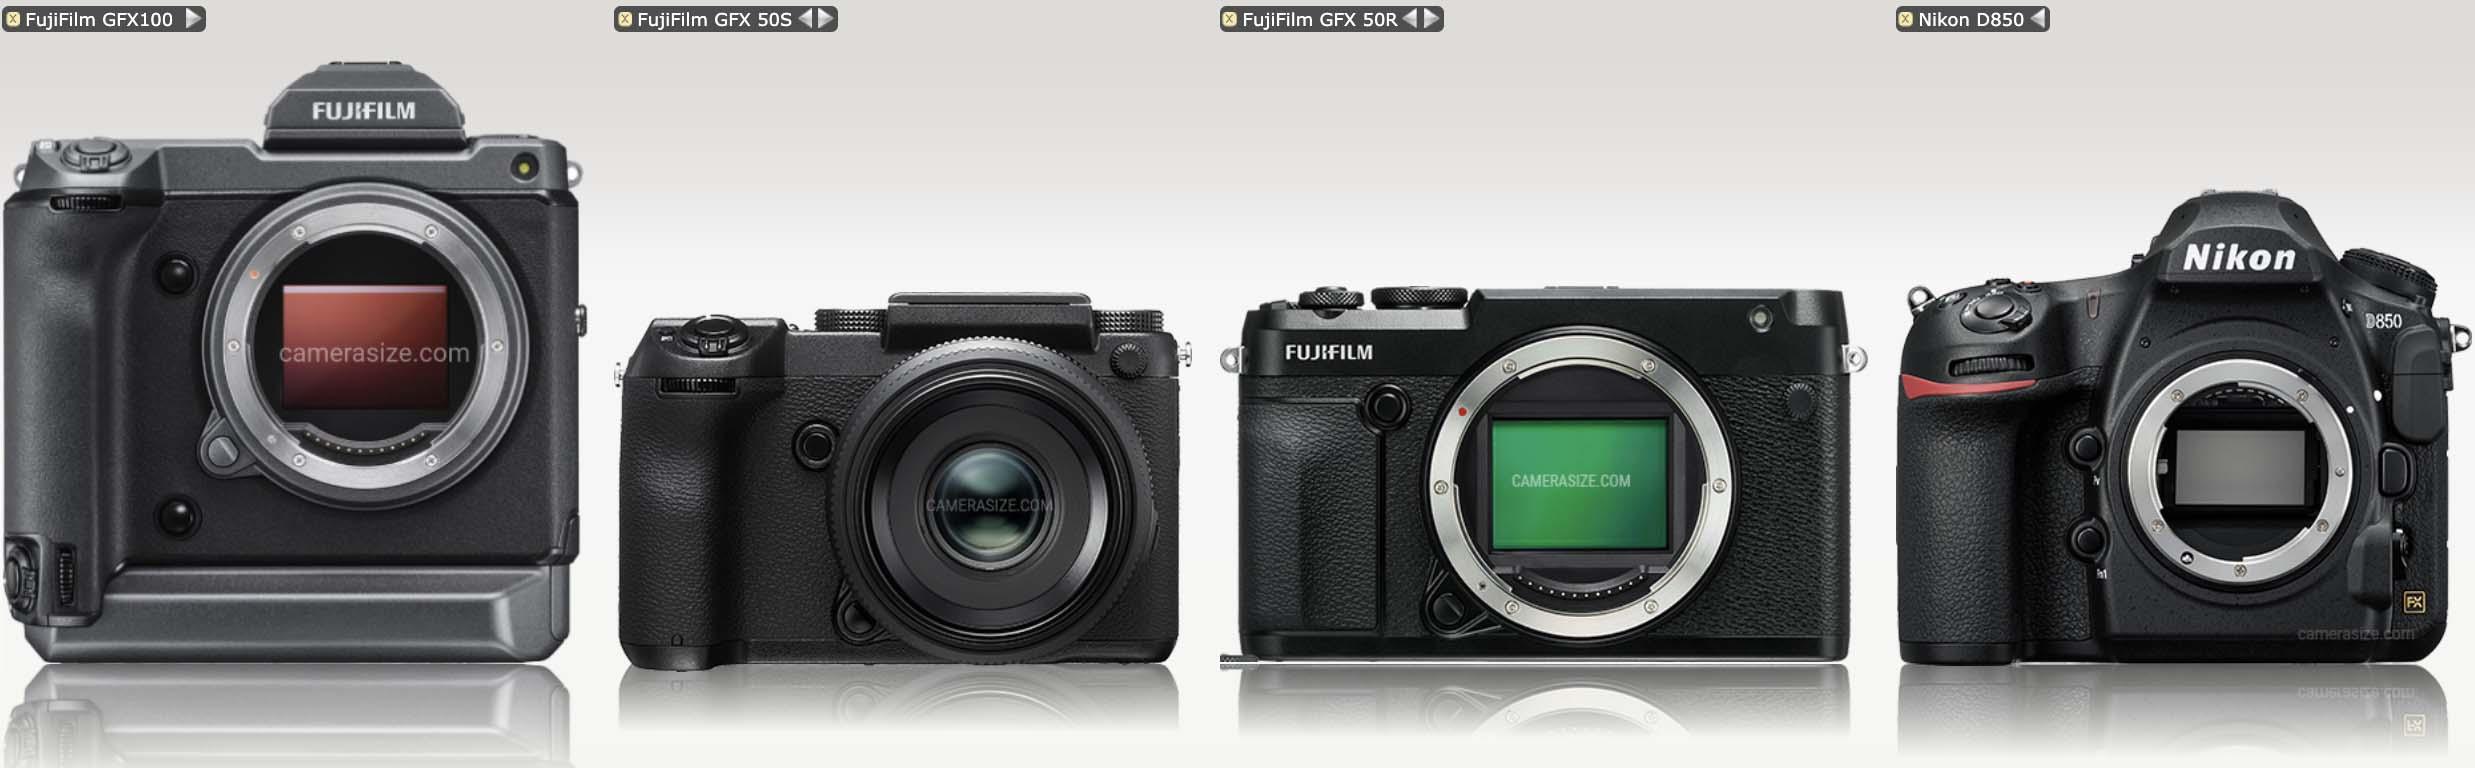 CameraSize: Fujifilm GFX 100 vs GFX50S vs GFX50R vs D850 vs D5 vs 1D